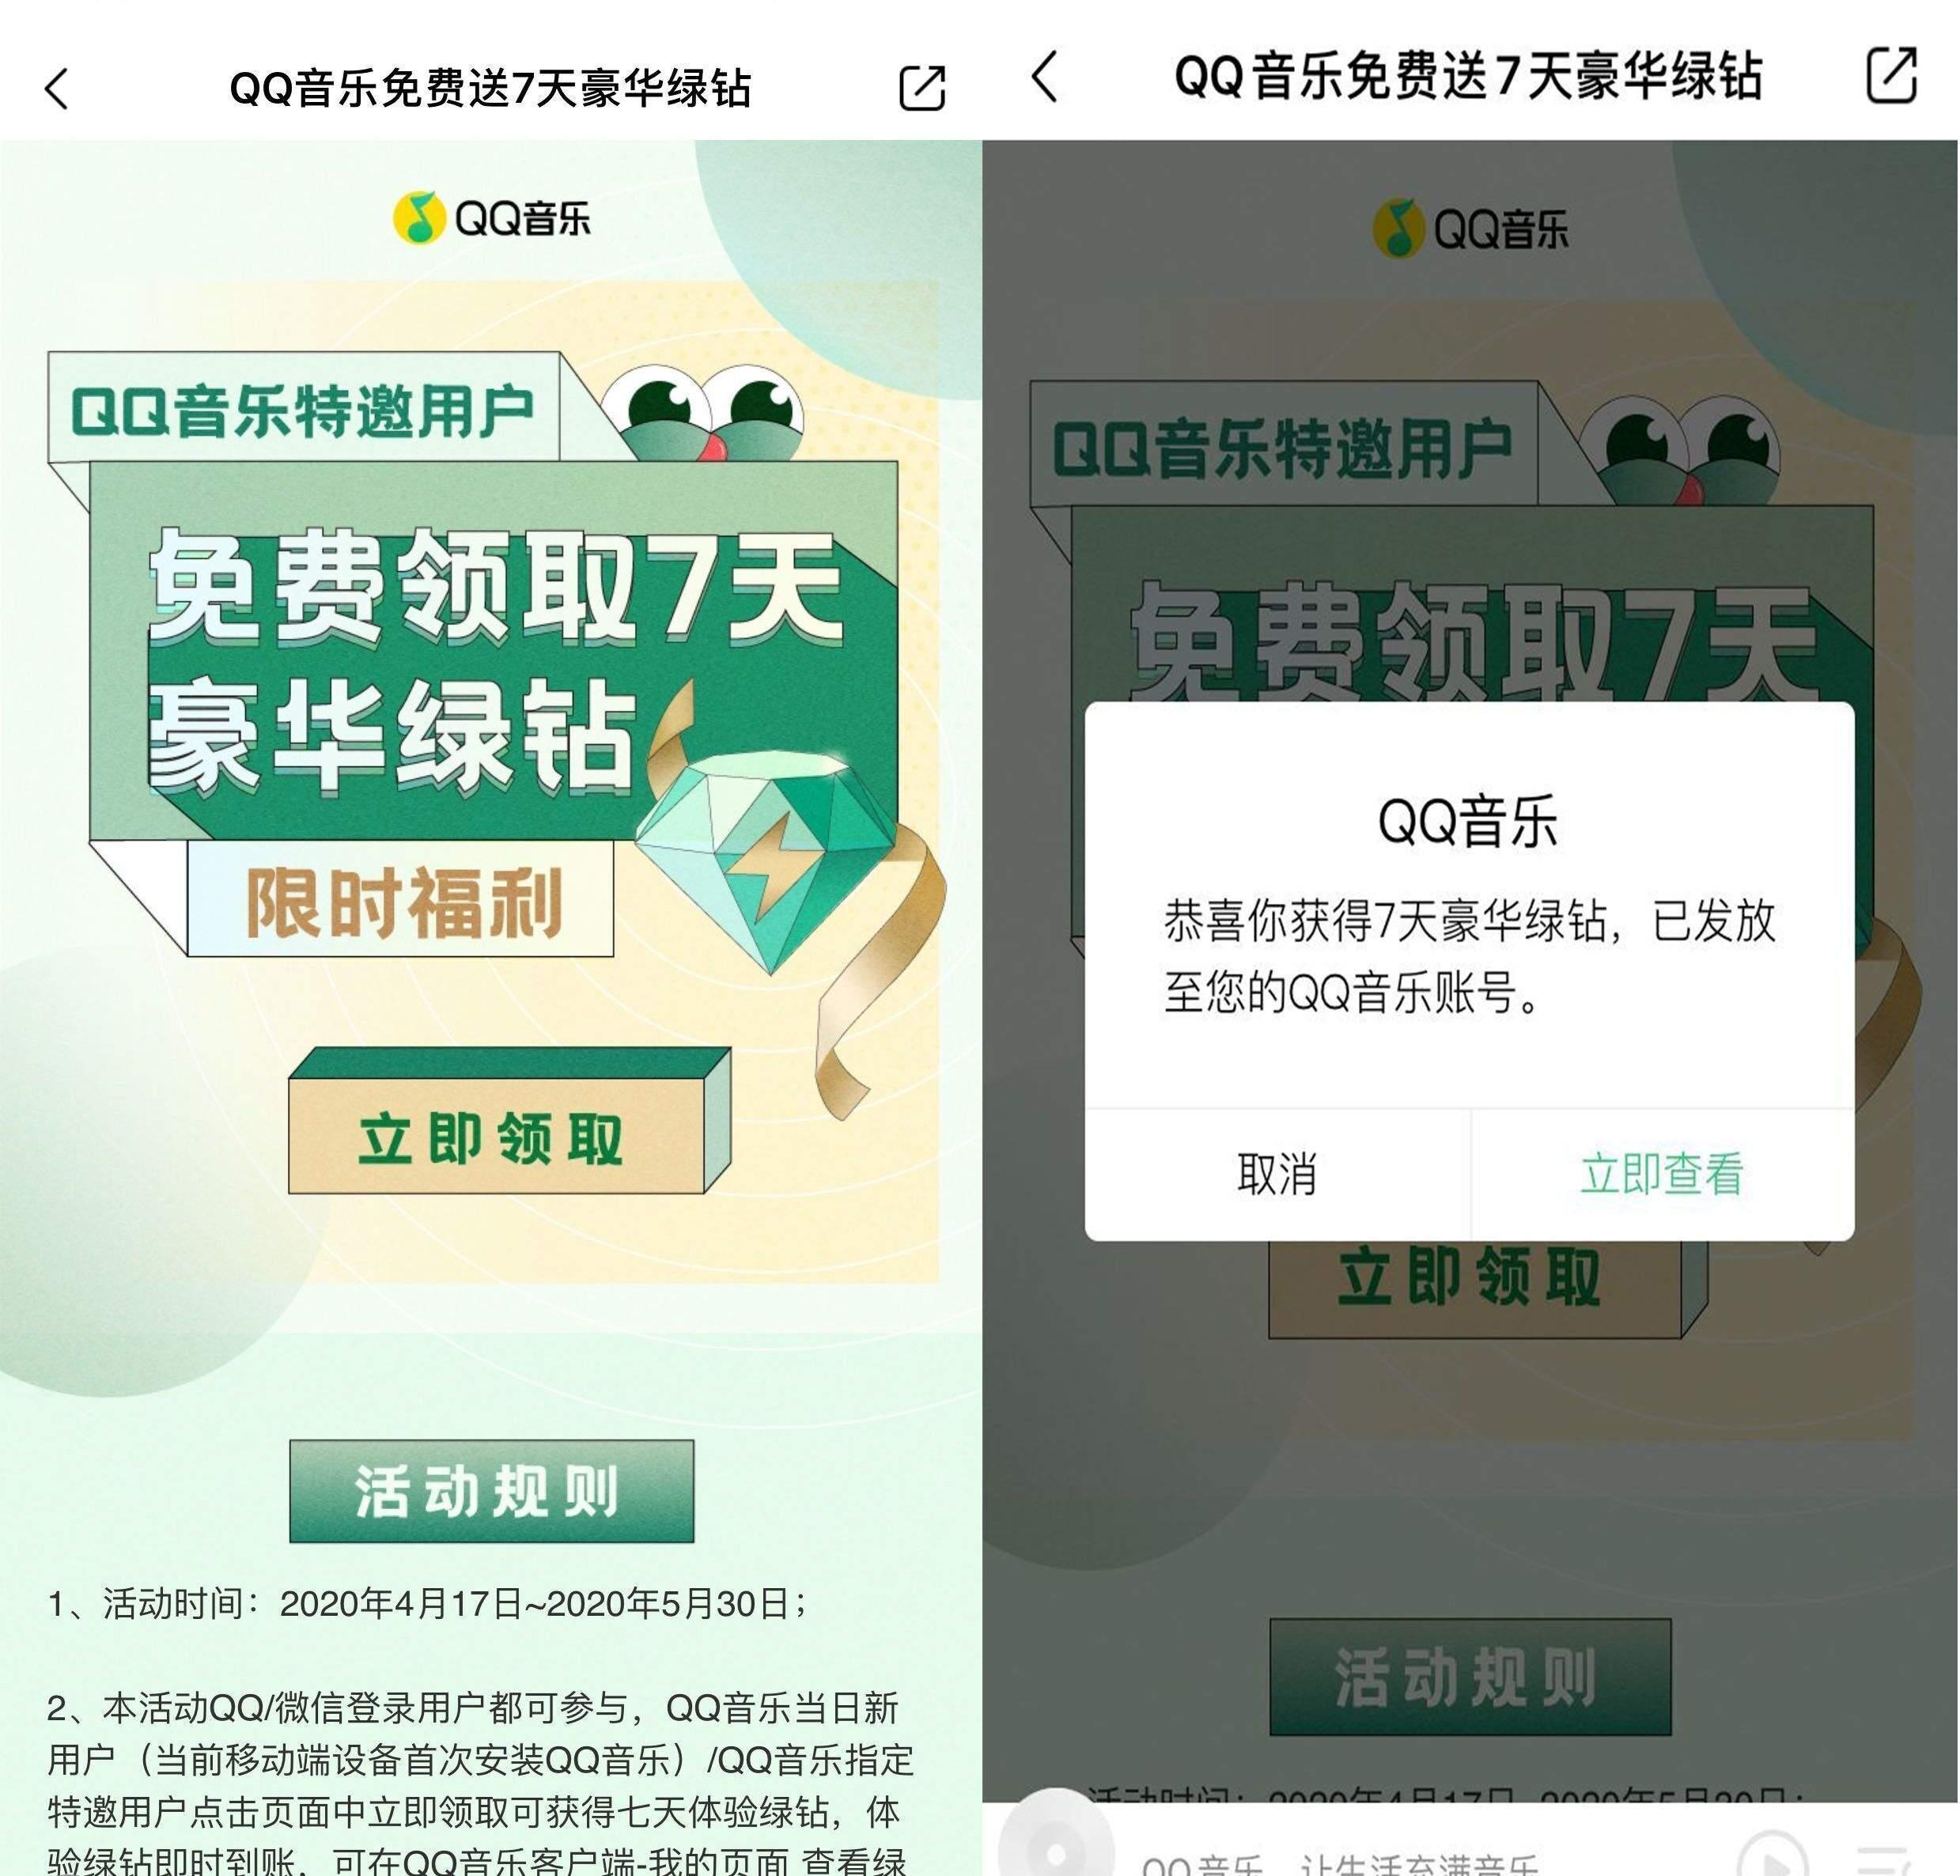 QQ音乐领10-31天豪华绿钻